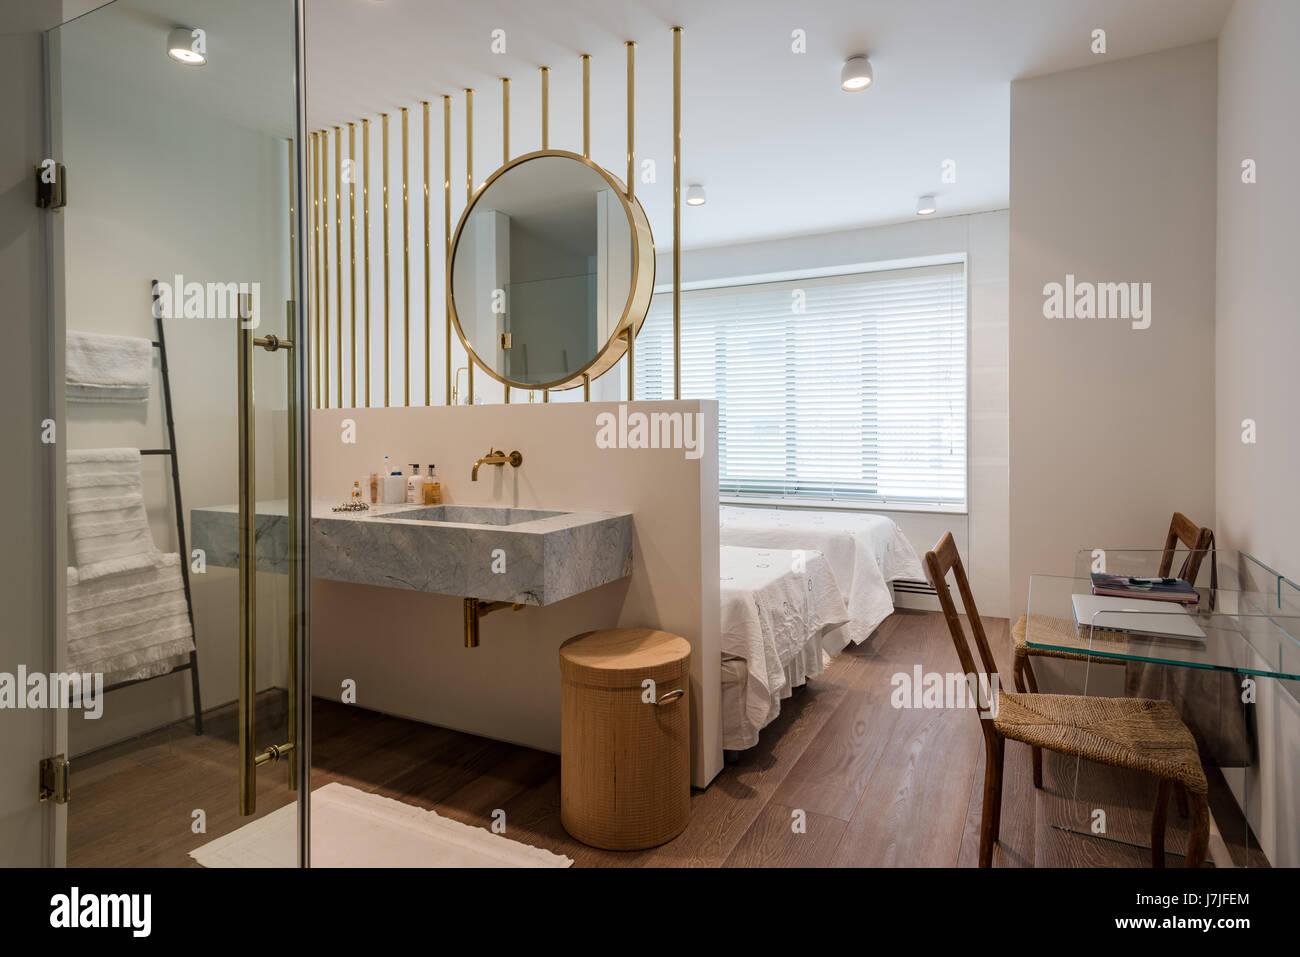 Ottone grande specchio sopra il bagno lavandino in camera da letto ...